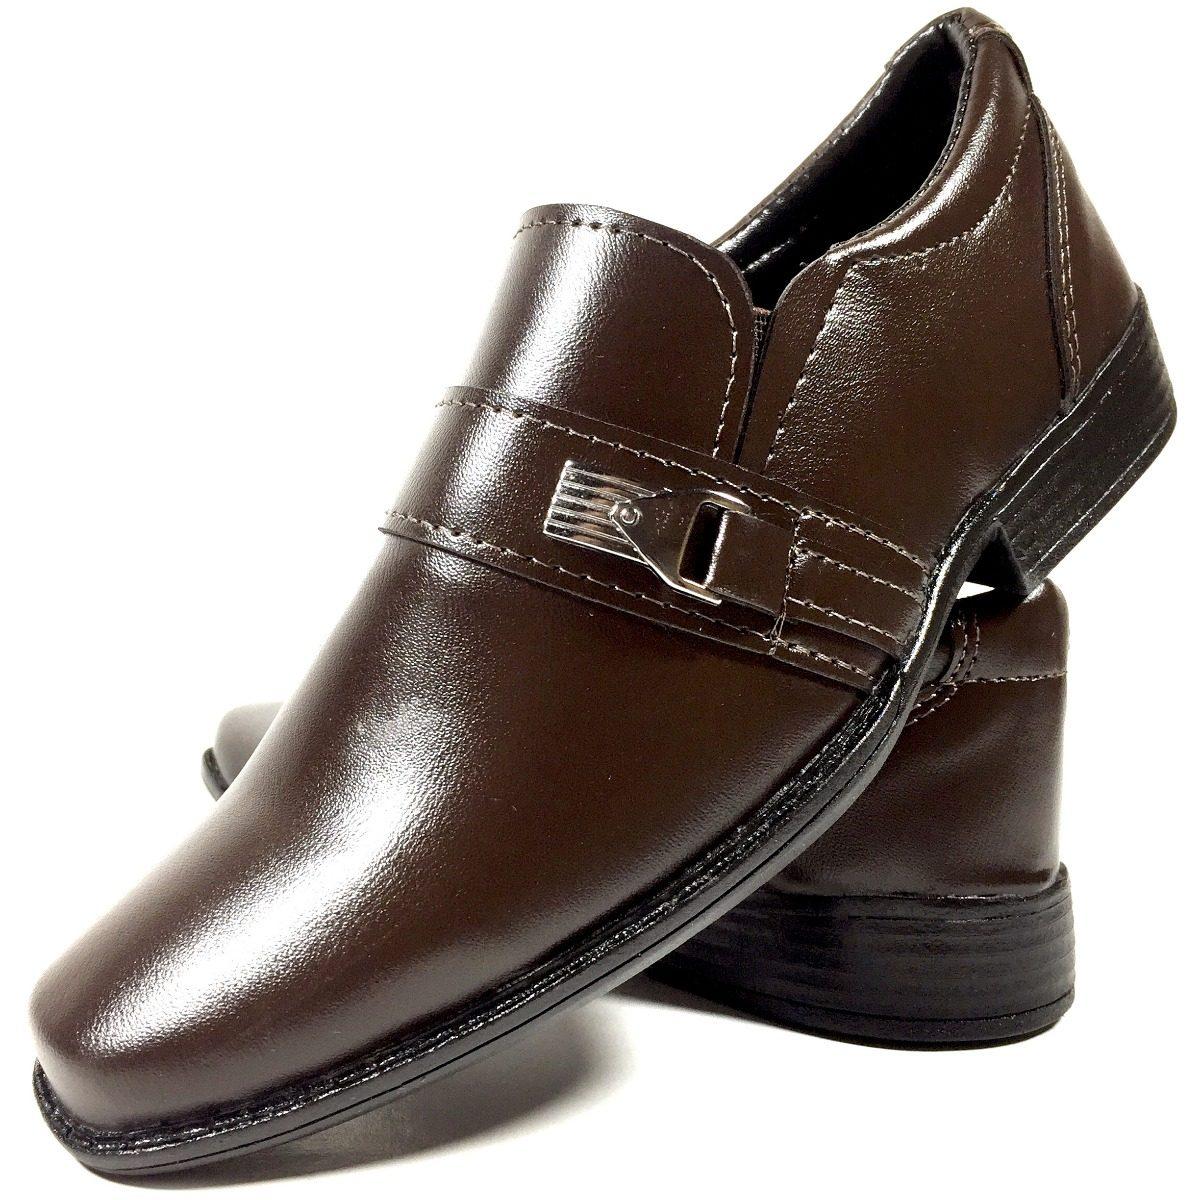 287b34c42 sapato social infantil masculino marrom café franca shoes. Carregando zoom.